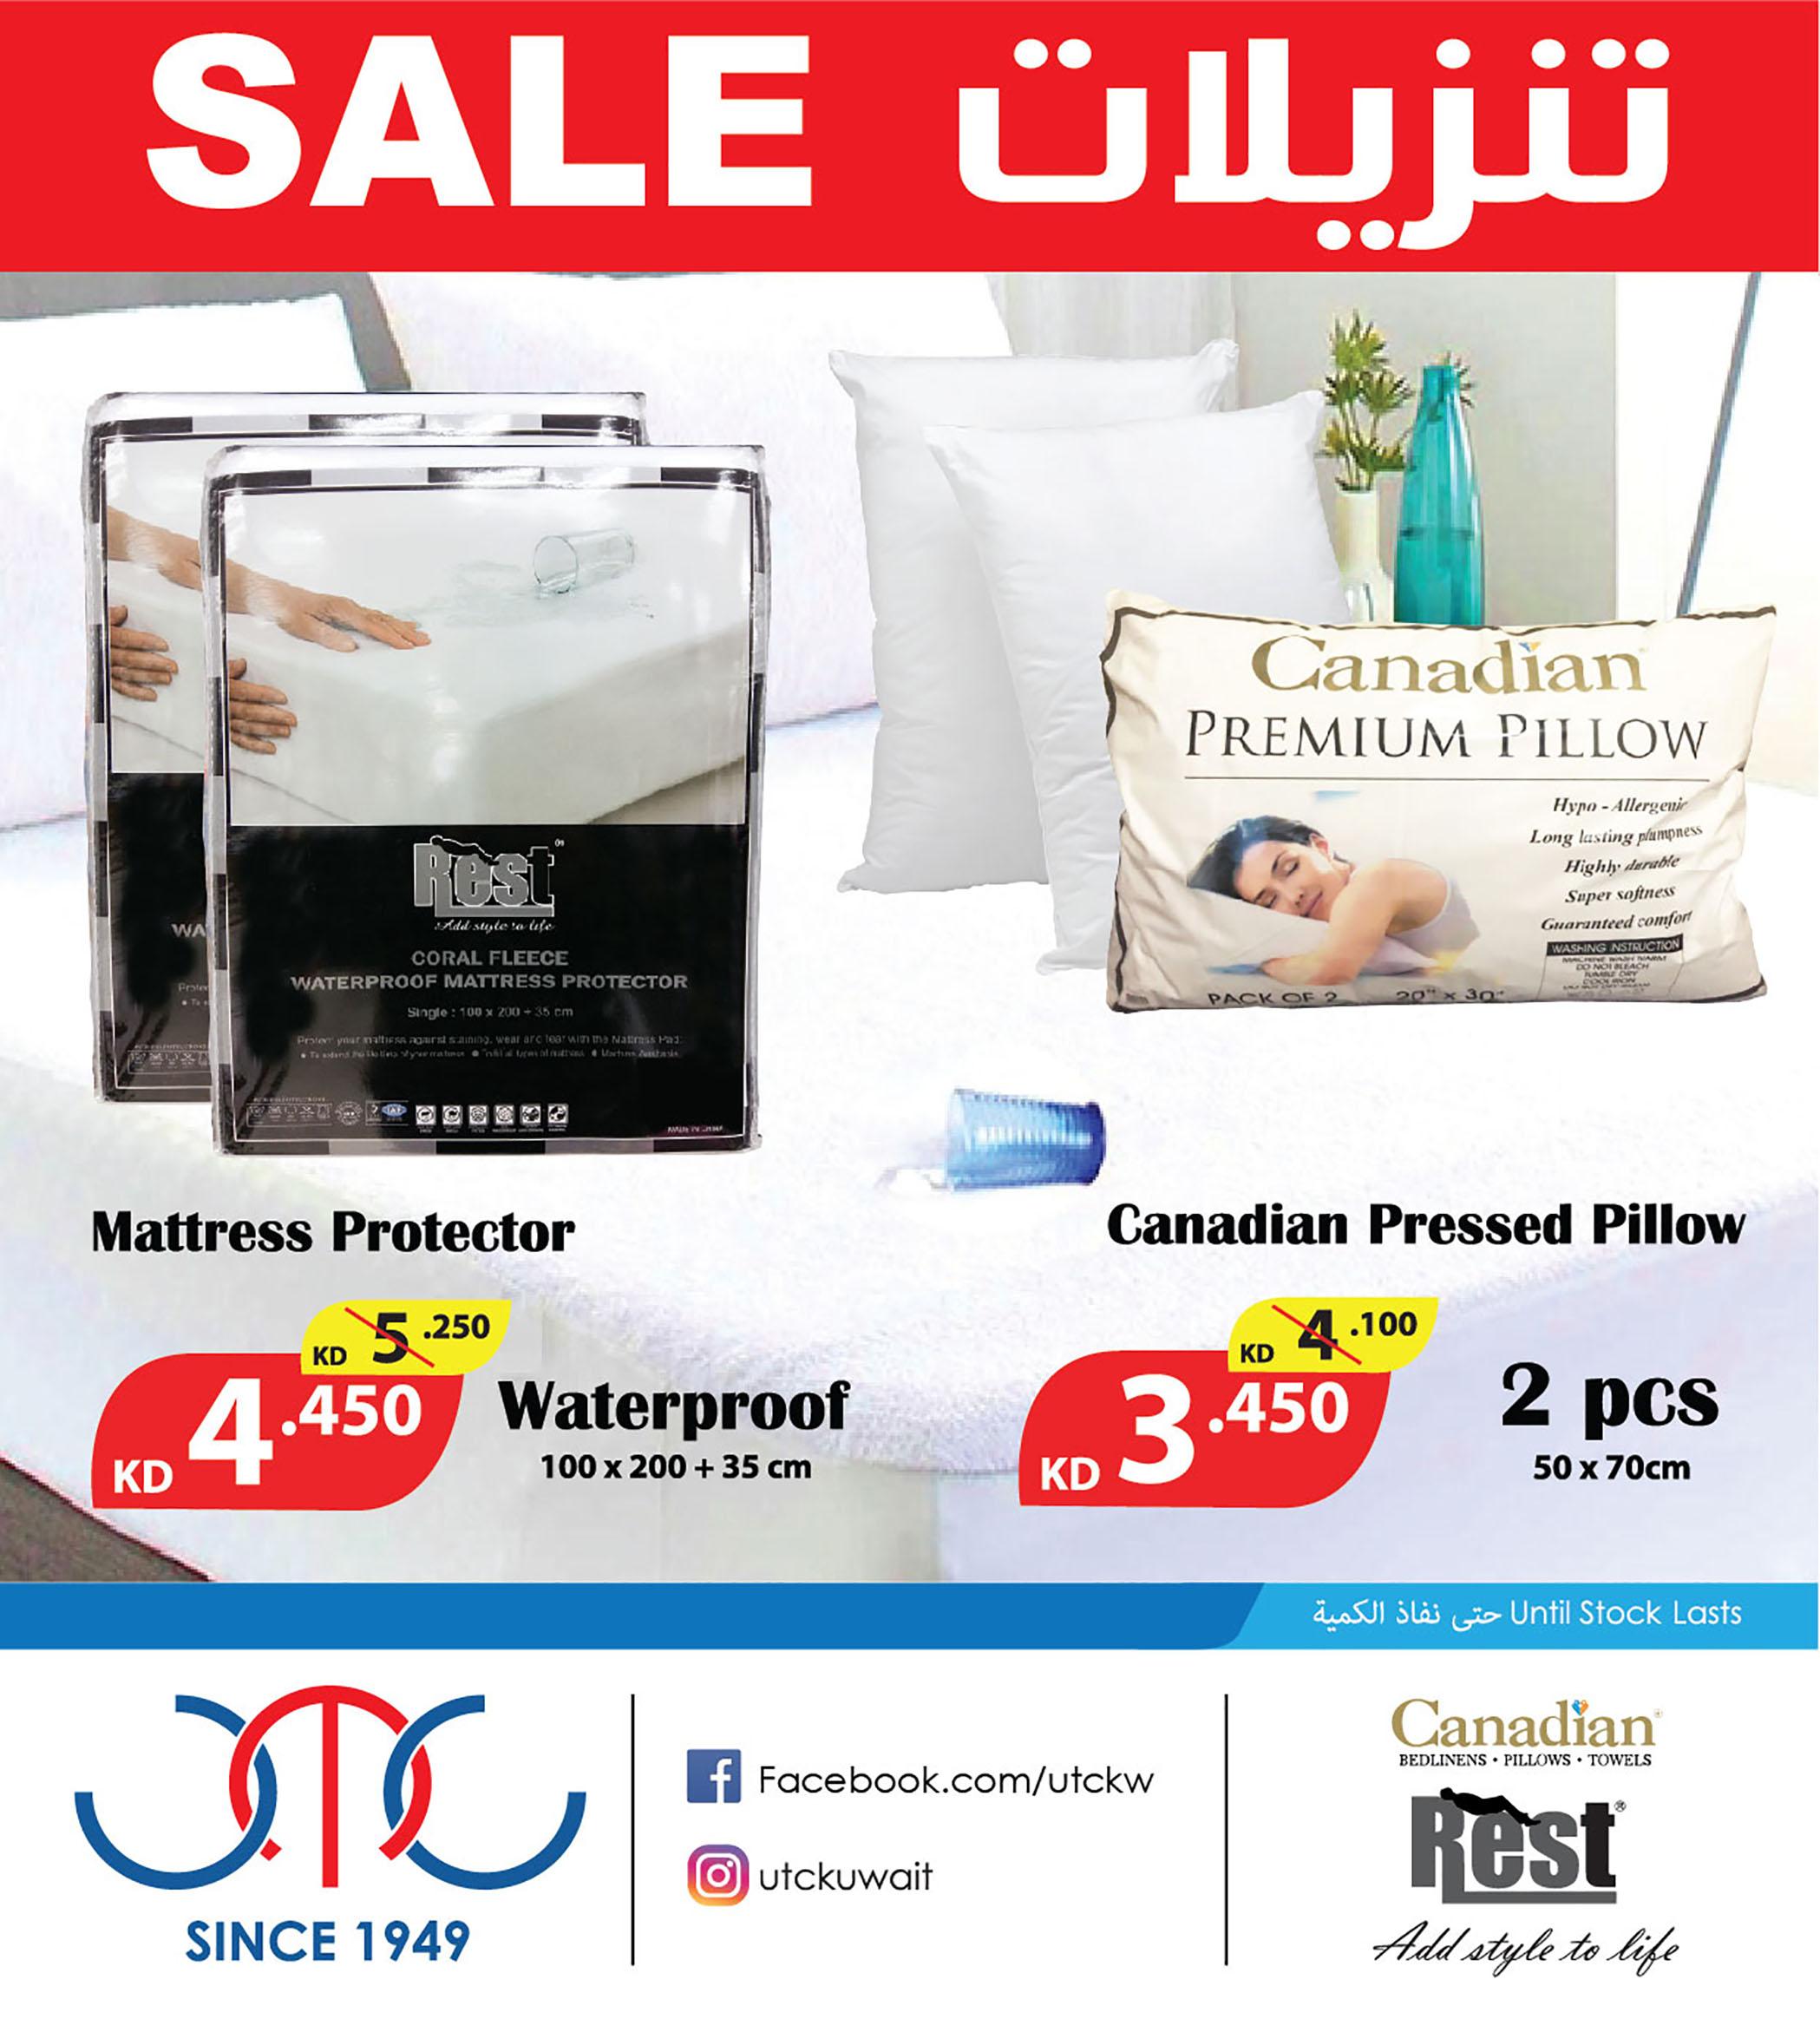 Bed & Bath - Pillow - Mattress Protector